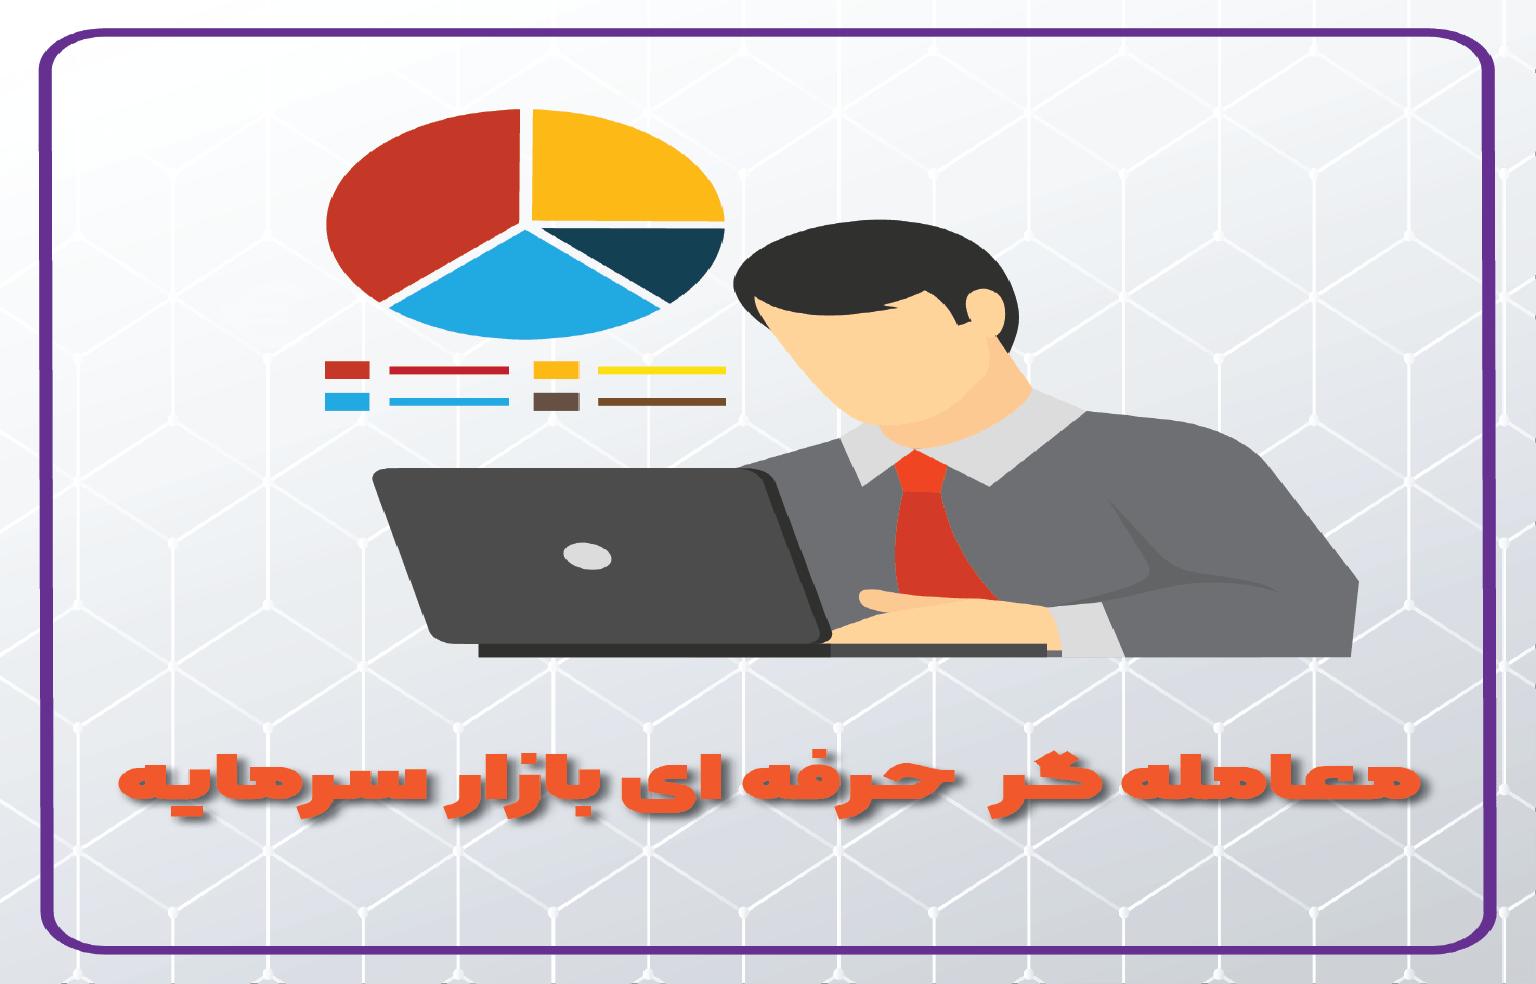 دوره جامع تربیت معامله گر حرفه ای بازار سرمایه